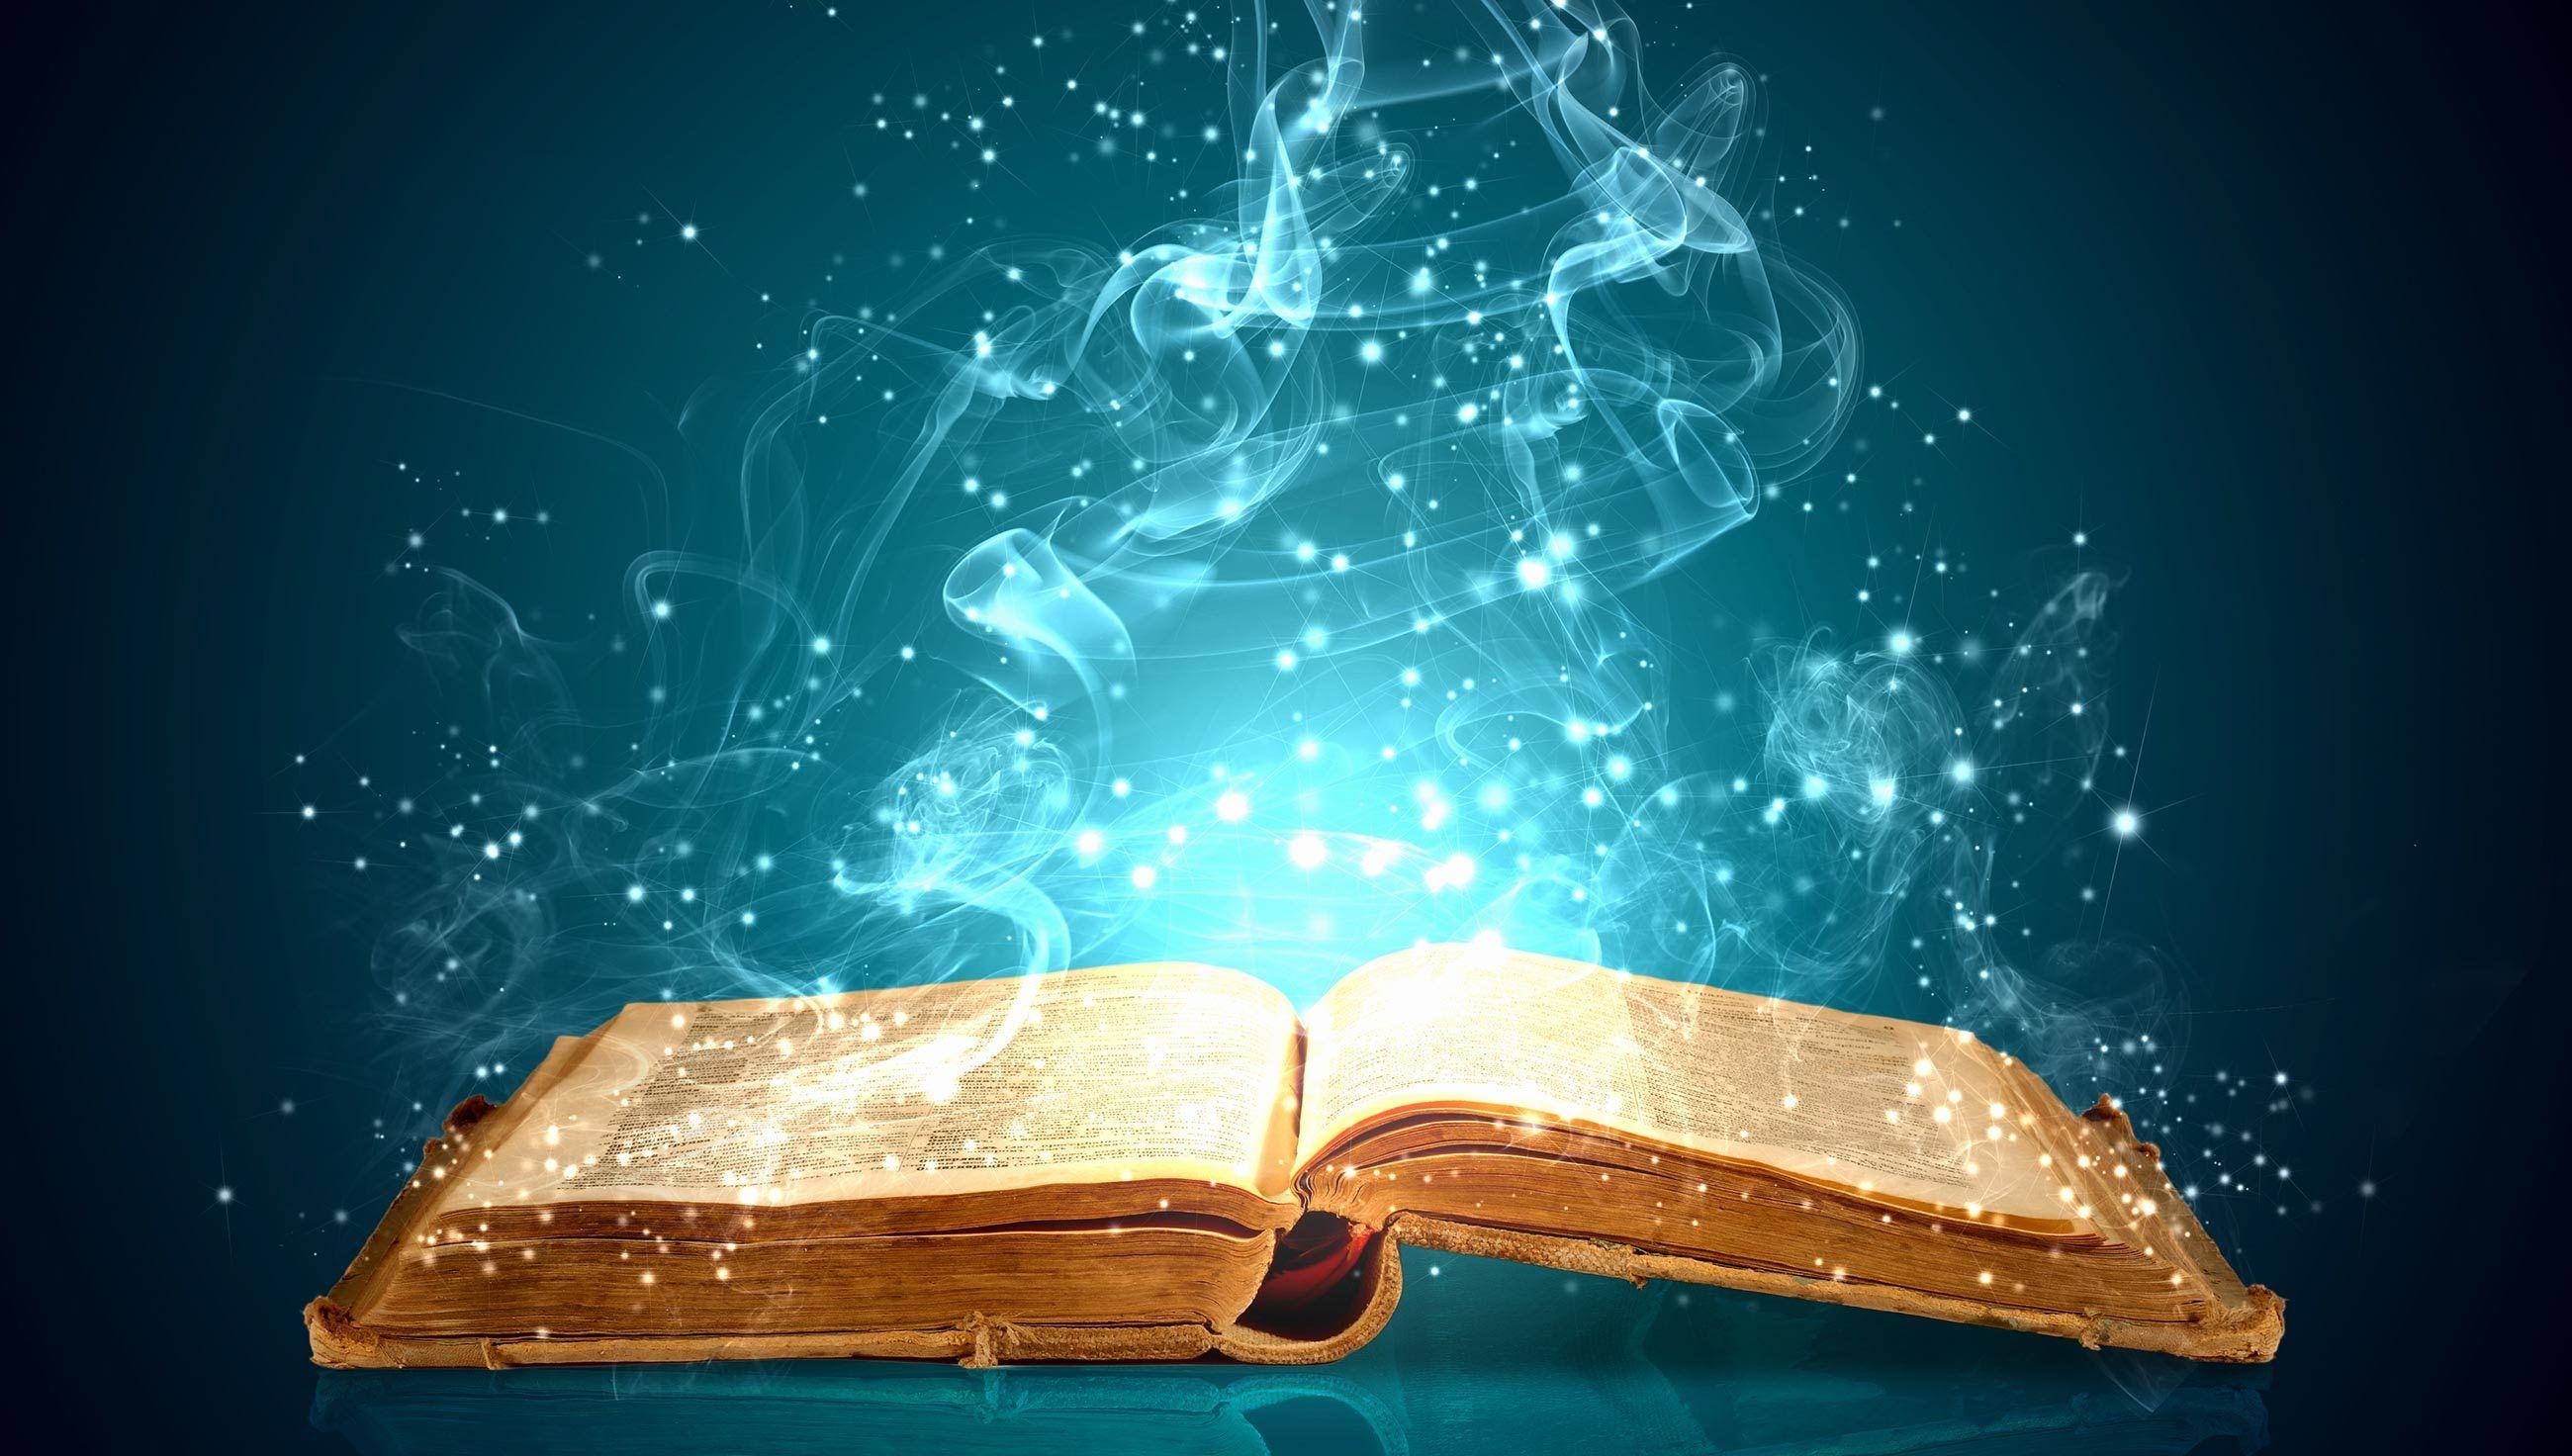 כל הסיפור המקראי בשעה אחת!